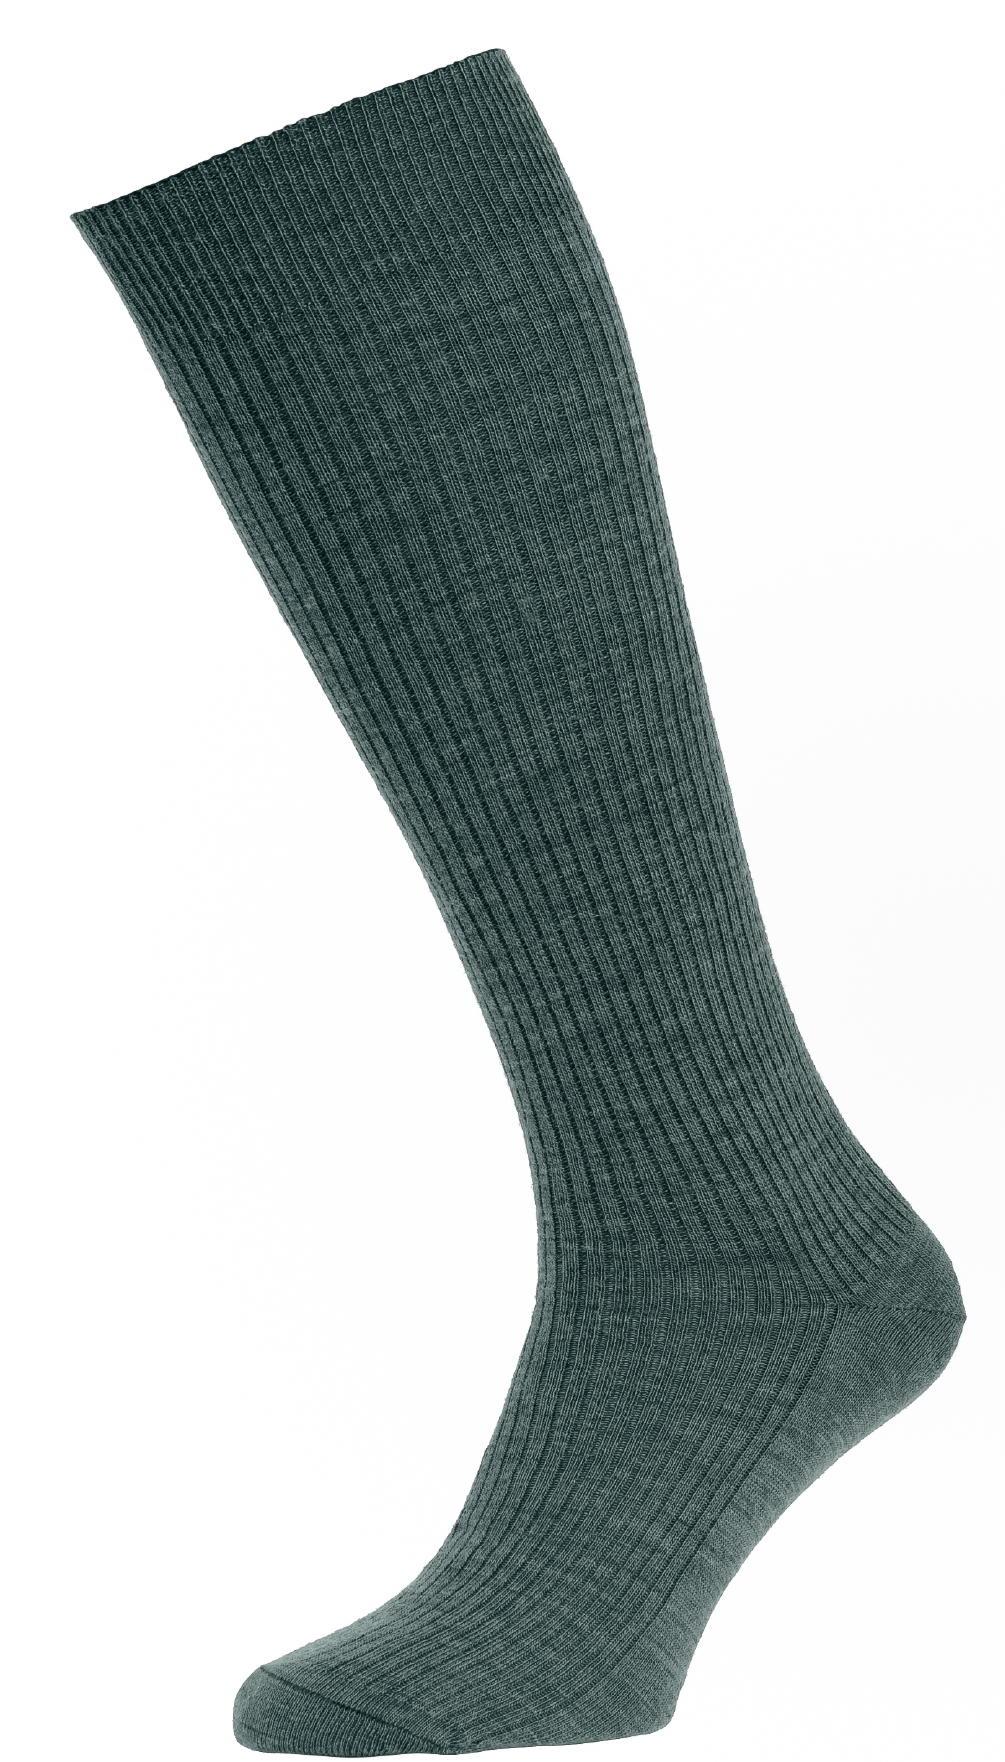 HJ Hall Immaculate Long Knee length Mens Socks size 6-11UK Green HJ77